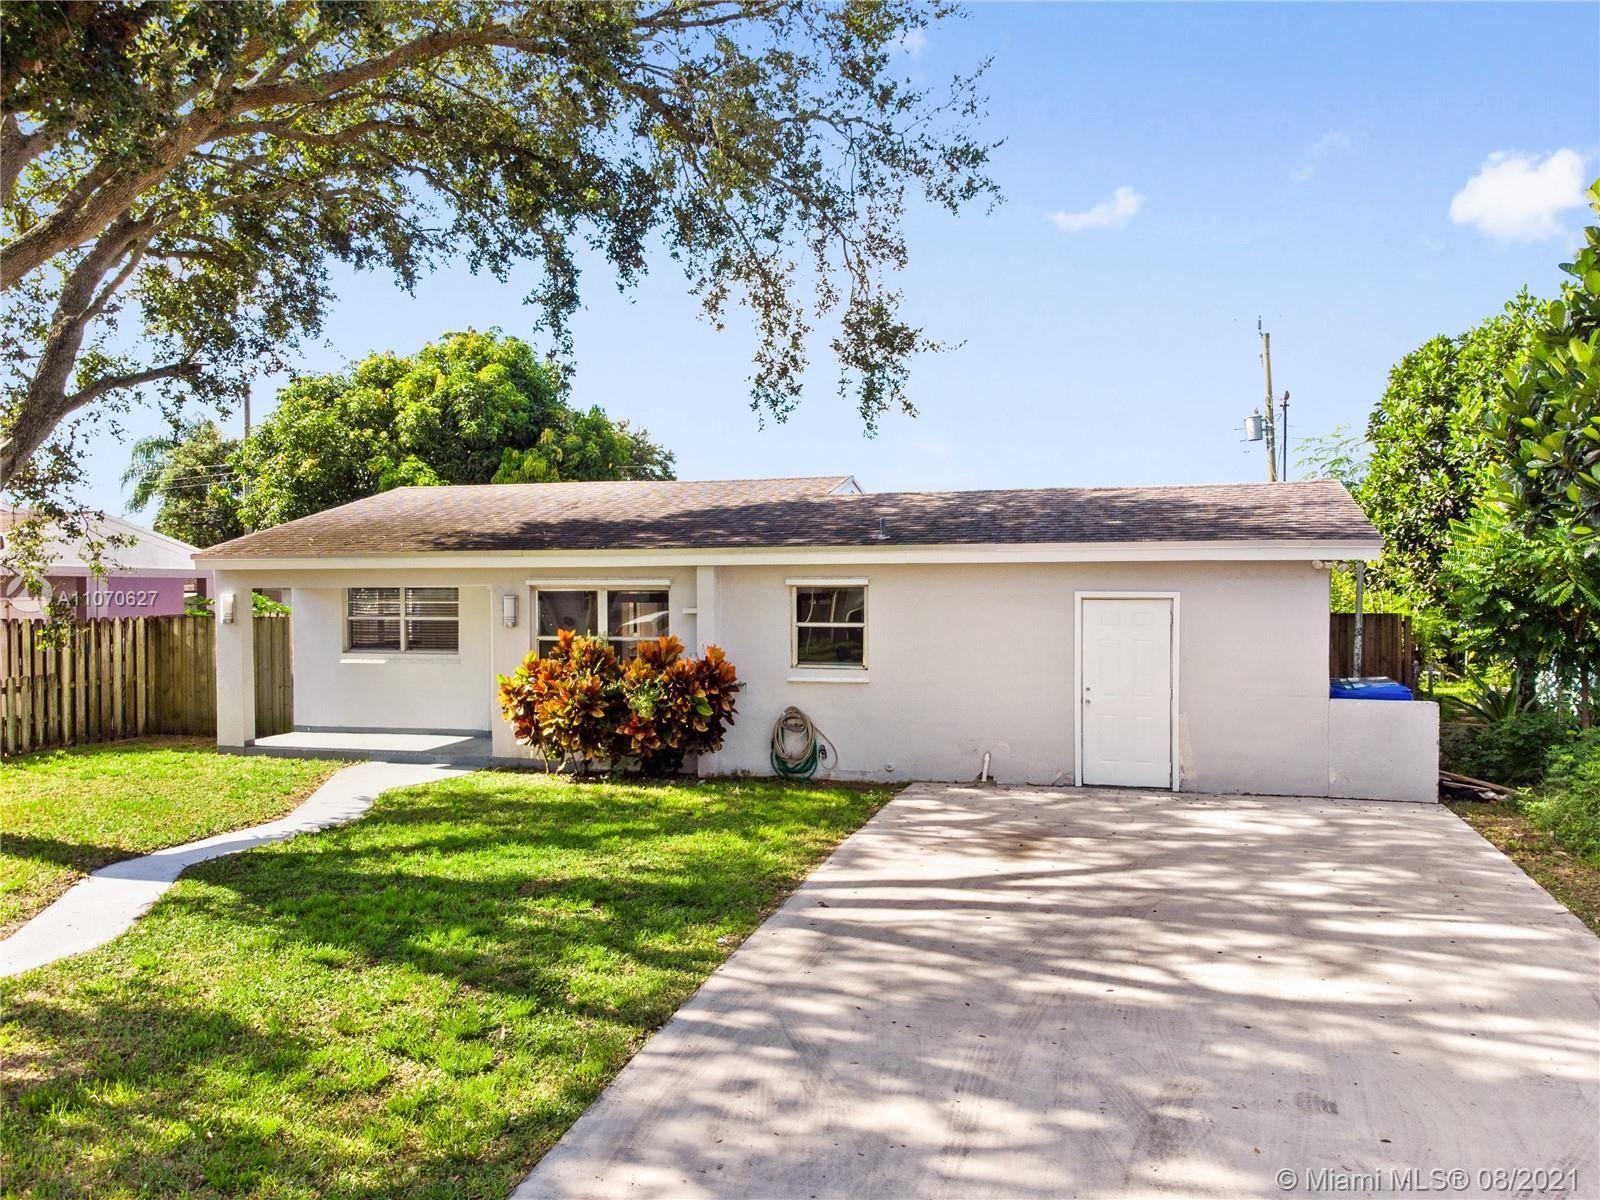 6860 Greene St, Hollywood, FL 33024 - #: A11070627